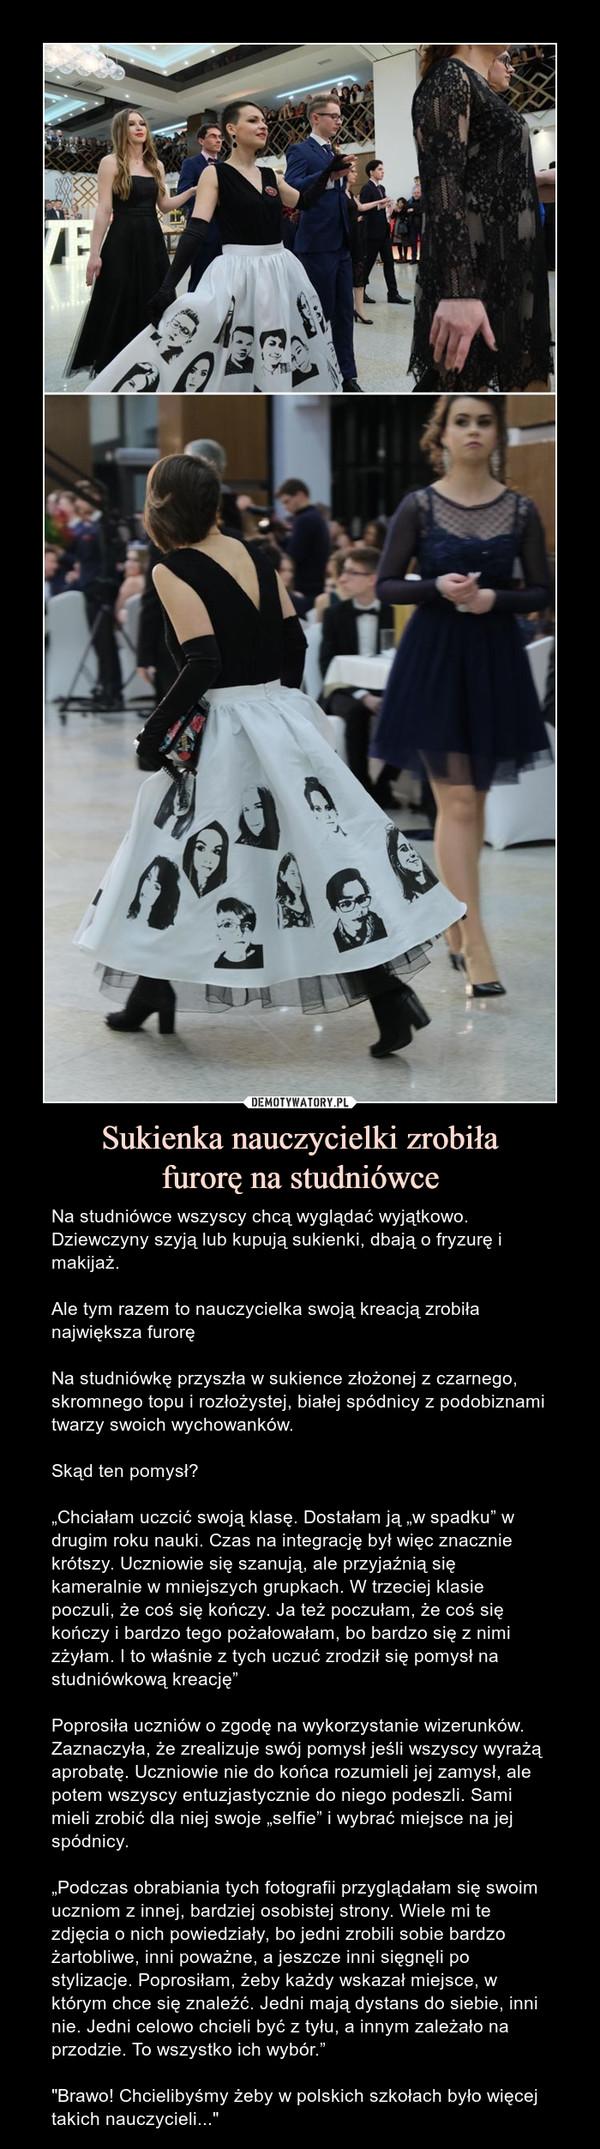 """Sukienka nauczycielki zrobiłafurorę na studniówce – Na studniówce wszyscy chcą wyglądać wyjątkowo. Dziewczyny szyją lub kupują sukienki, dbają o fryzurę i makijaż.Ale tym razem to nauczycielka swoją kreacją zrobiła największa furoręNa studniówkę przyszła w sukience złożonej z czarnego, skromnego topu i rozłożystej, białej spódnicy z podobiznami twarzy swoich wychowanków.Skąd ten pomysł?""""Chciałam uczcić swoją klasę. Dostałam ją """"w spadku"""" w drugim roku nauki. Czas na integrację był więc znacznie krótszy. Uczniowie się szanują, ale przyjaźnią się kameralnie w mniejszych grupkach. W trzeciej klasie poczuli, że coś się kończy. Ja też poczułam, że coś się kończy i bardzo tego pożałowałam, bo bardzo się z nimi zżyłam. I to właśnie z tych uczuć zrodził się pomysł na studniówkową kreację""""Poprosiła uczniów o zgodę na wykorzystanie wizerunków. Zaznaczyła, że zrealizuje swój pomysł jeśli wszyscy wyrażą aprobatę. Uczniowie nie do końca rozumieli jej zamysł, ale potem wszyscy entuzjastycznie do niego podeszli. Sami mieli zrobić dla niej swoje """"selfie"""" i wybrać miejsce na jej spódnicy.""""Podczas obrabiania tych fotografii przyglądałam się swoim uczniom z innej, bardziej osobistej strony. Wiele mi te zdjęcia o nich powiedziały, bo jedni zrobili sobie bardzo żartobliwe, inni poważne, a jeszcze inni sięgnęli po stylizacje. Poprosiłam, żeby każdy wskazał miejsce, w którym chce się znaleźć. Jedni mają dystans do siebie, inni nie. Jedni celowo chcieli być z tyłu, a innym zależało na przodzie. To wszystko ich wybór.""""""""Brawo! Chcielibyśmy żeby w polskich szkołach było więcej takich nauczycieli..."""""""